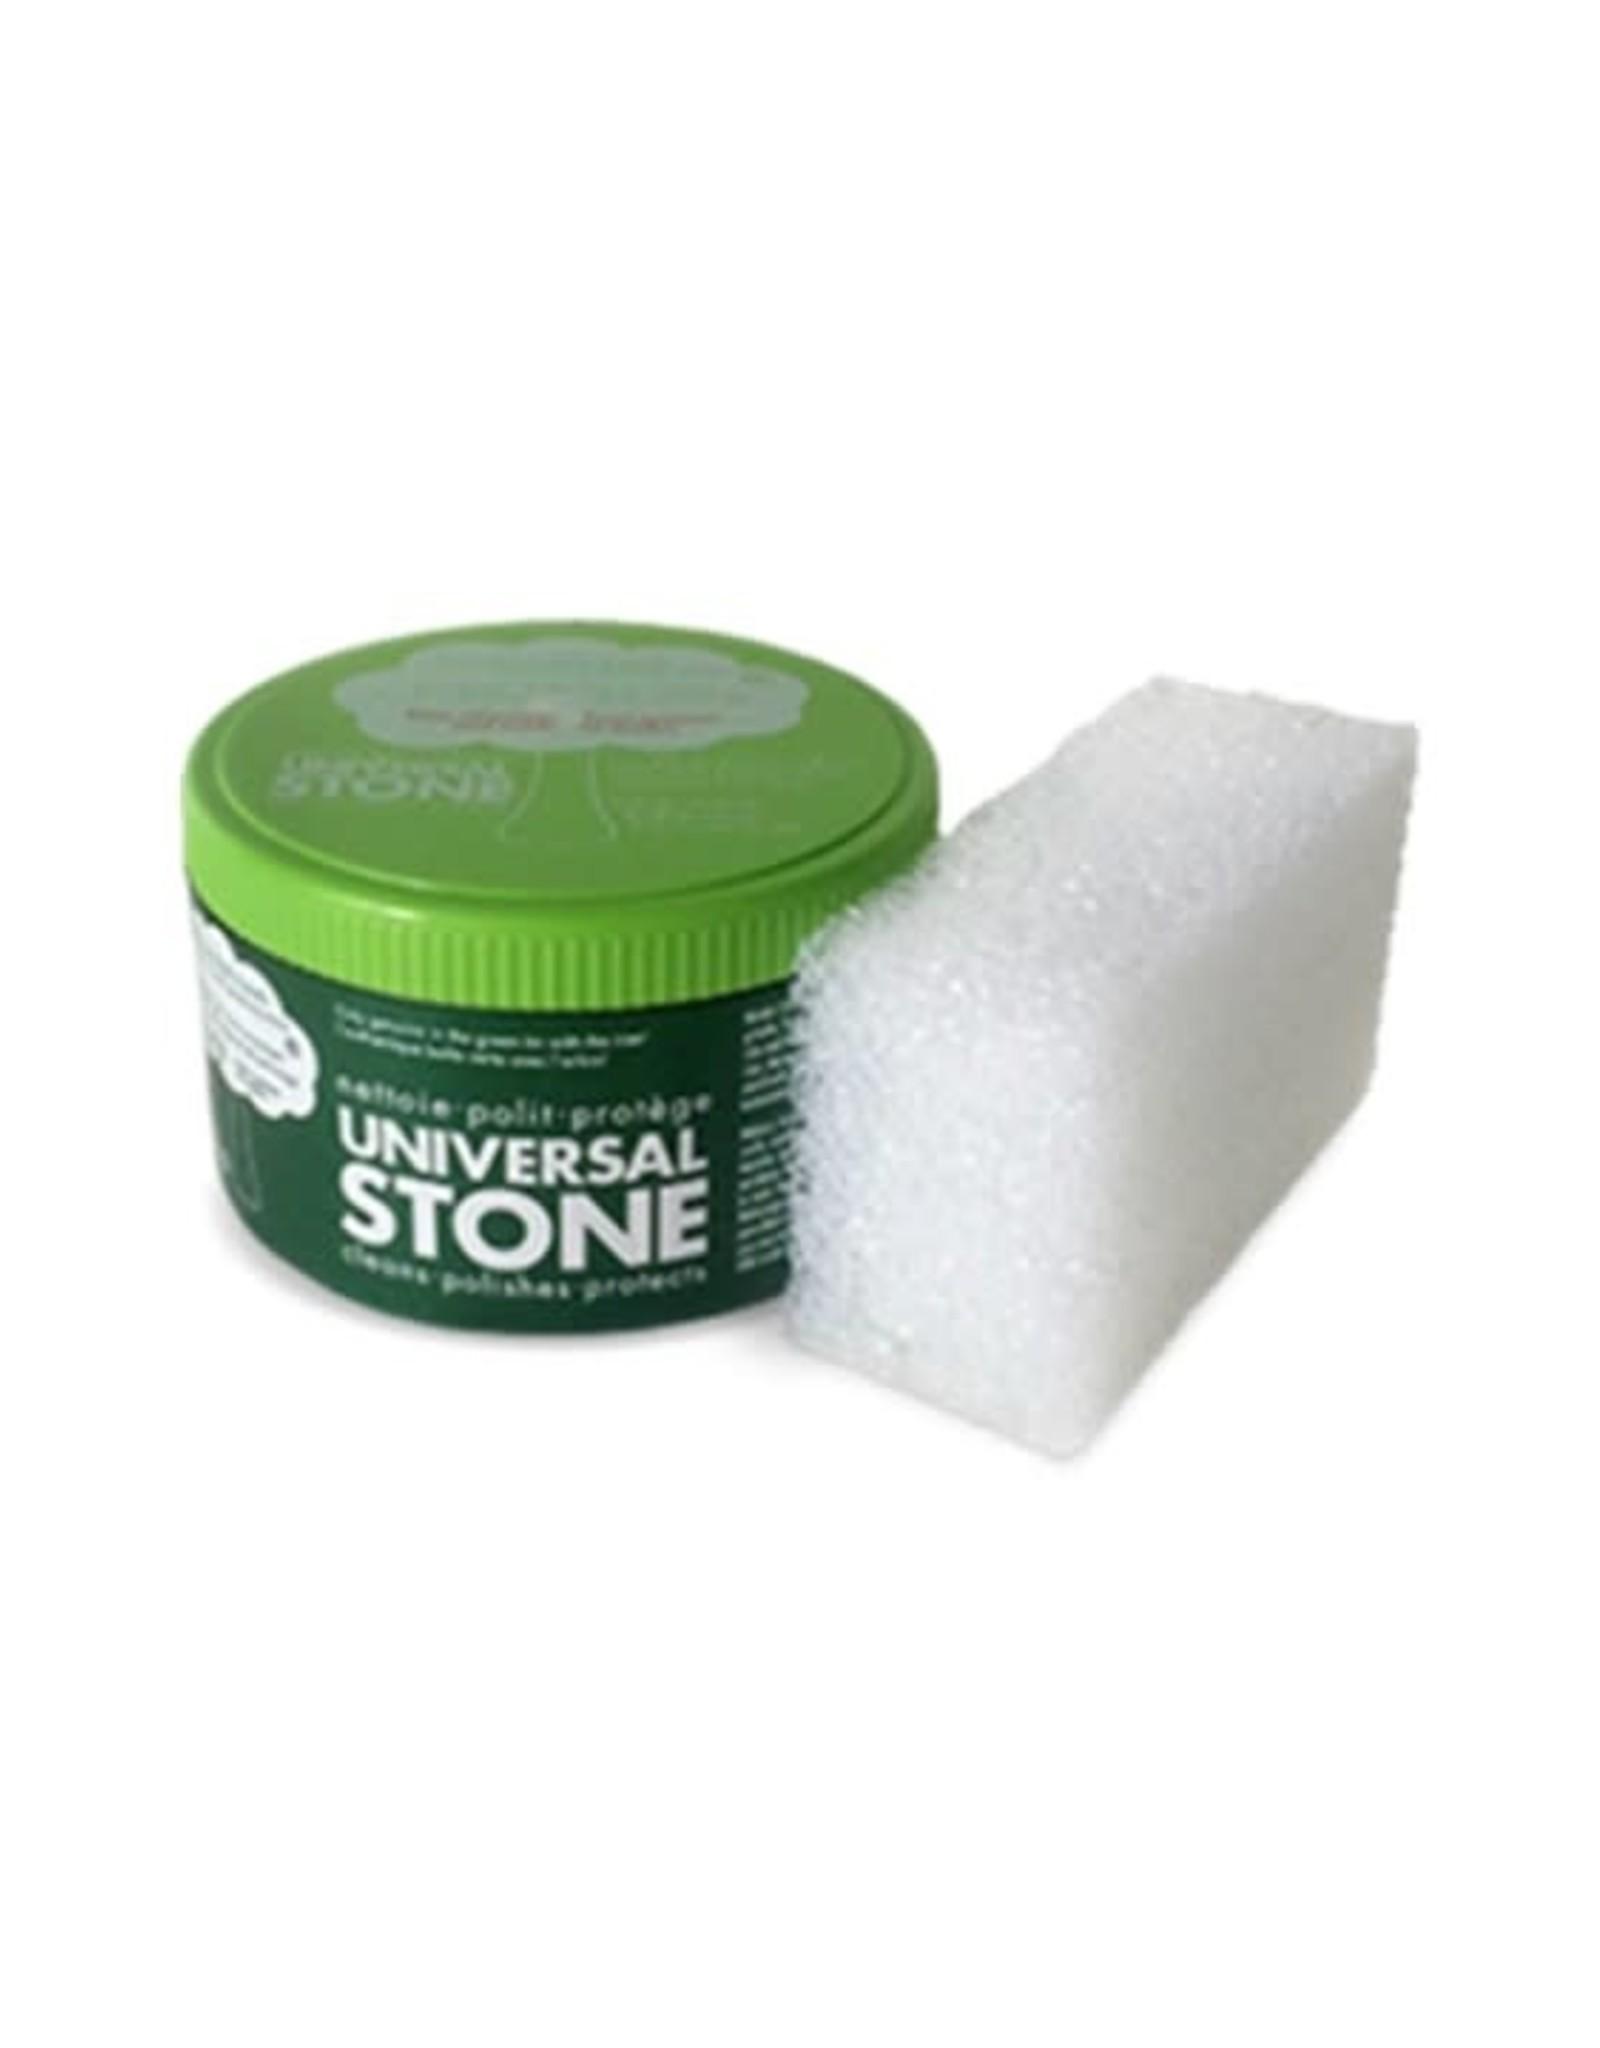 Nettoyant tout usage universal stone 900g